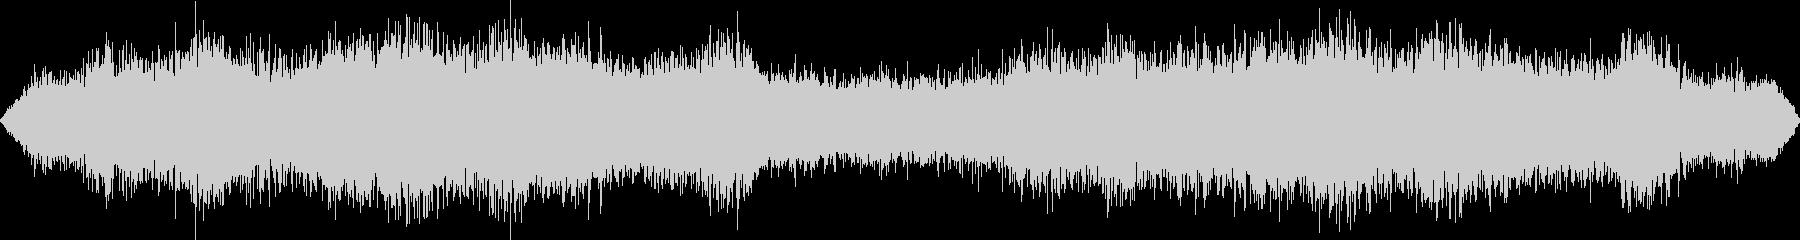 乱気流・ワームホールに吸い込まれる音の未再生の波形